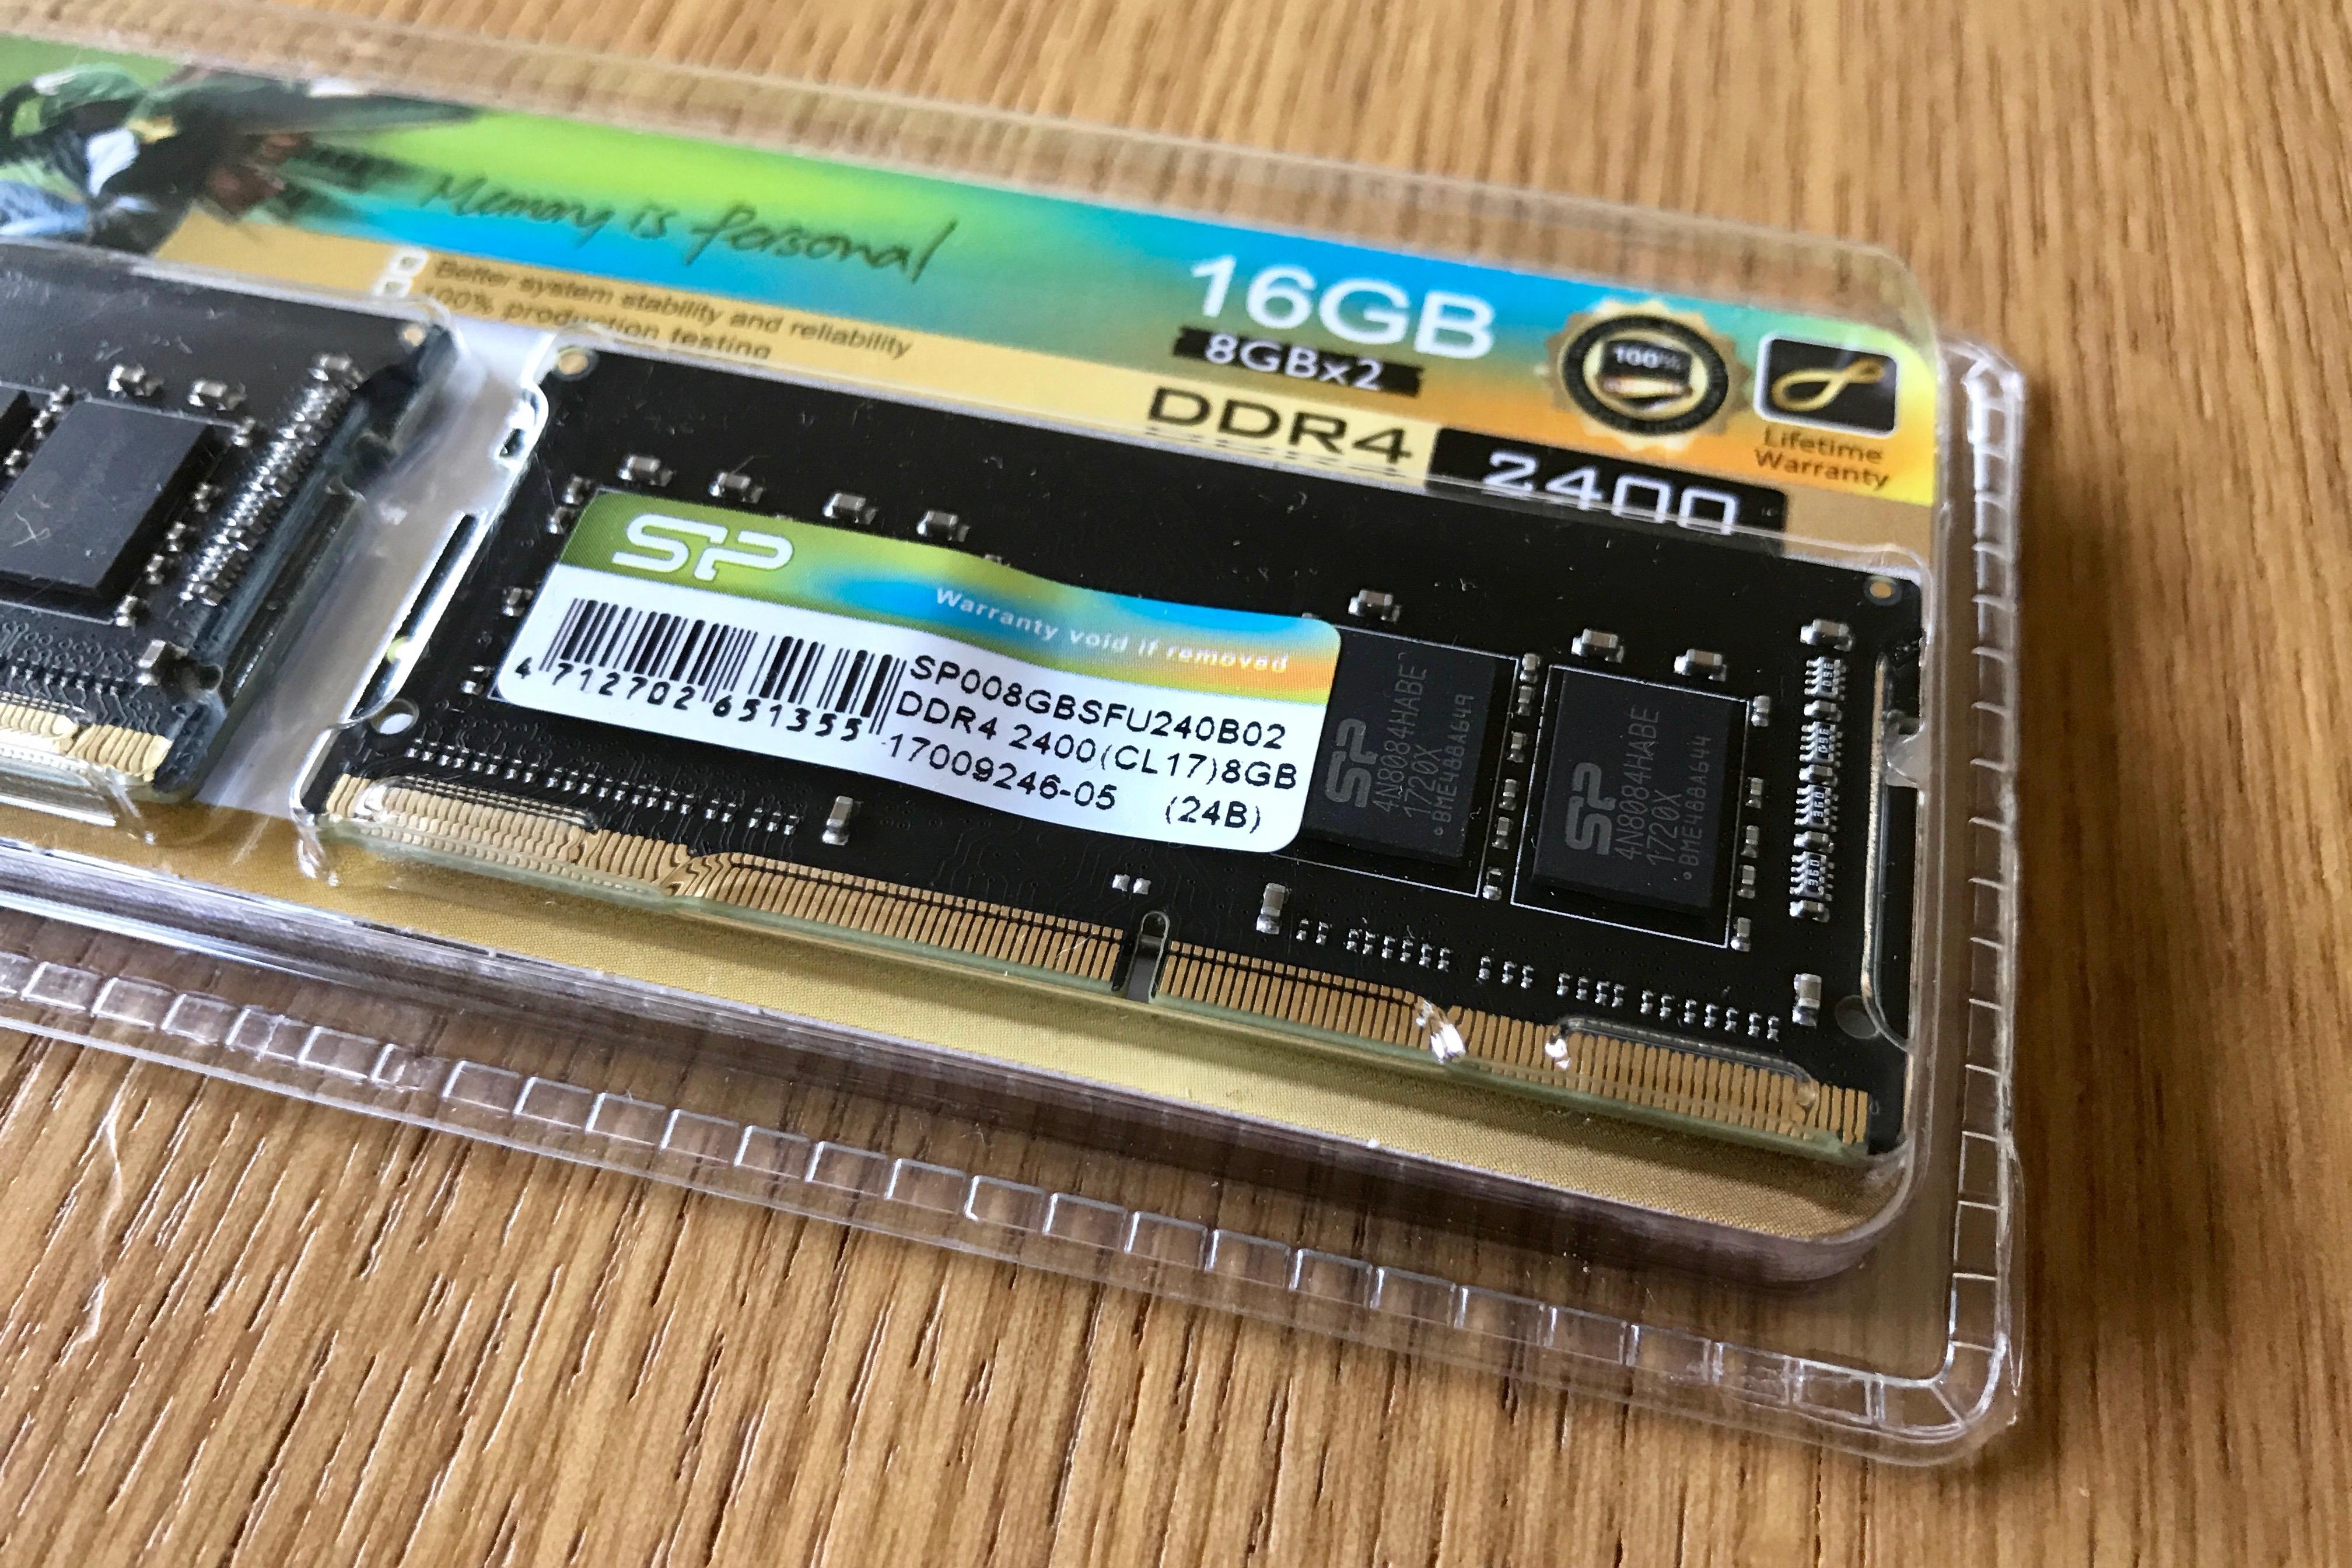 シリコンパワー ノートPC用メモリ DDR4-2400(PC4-19200) 8GB×2枚 260Pin 1.2V CL17